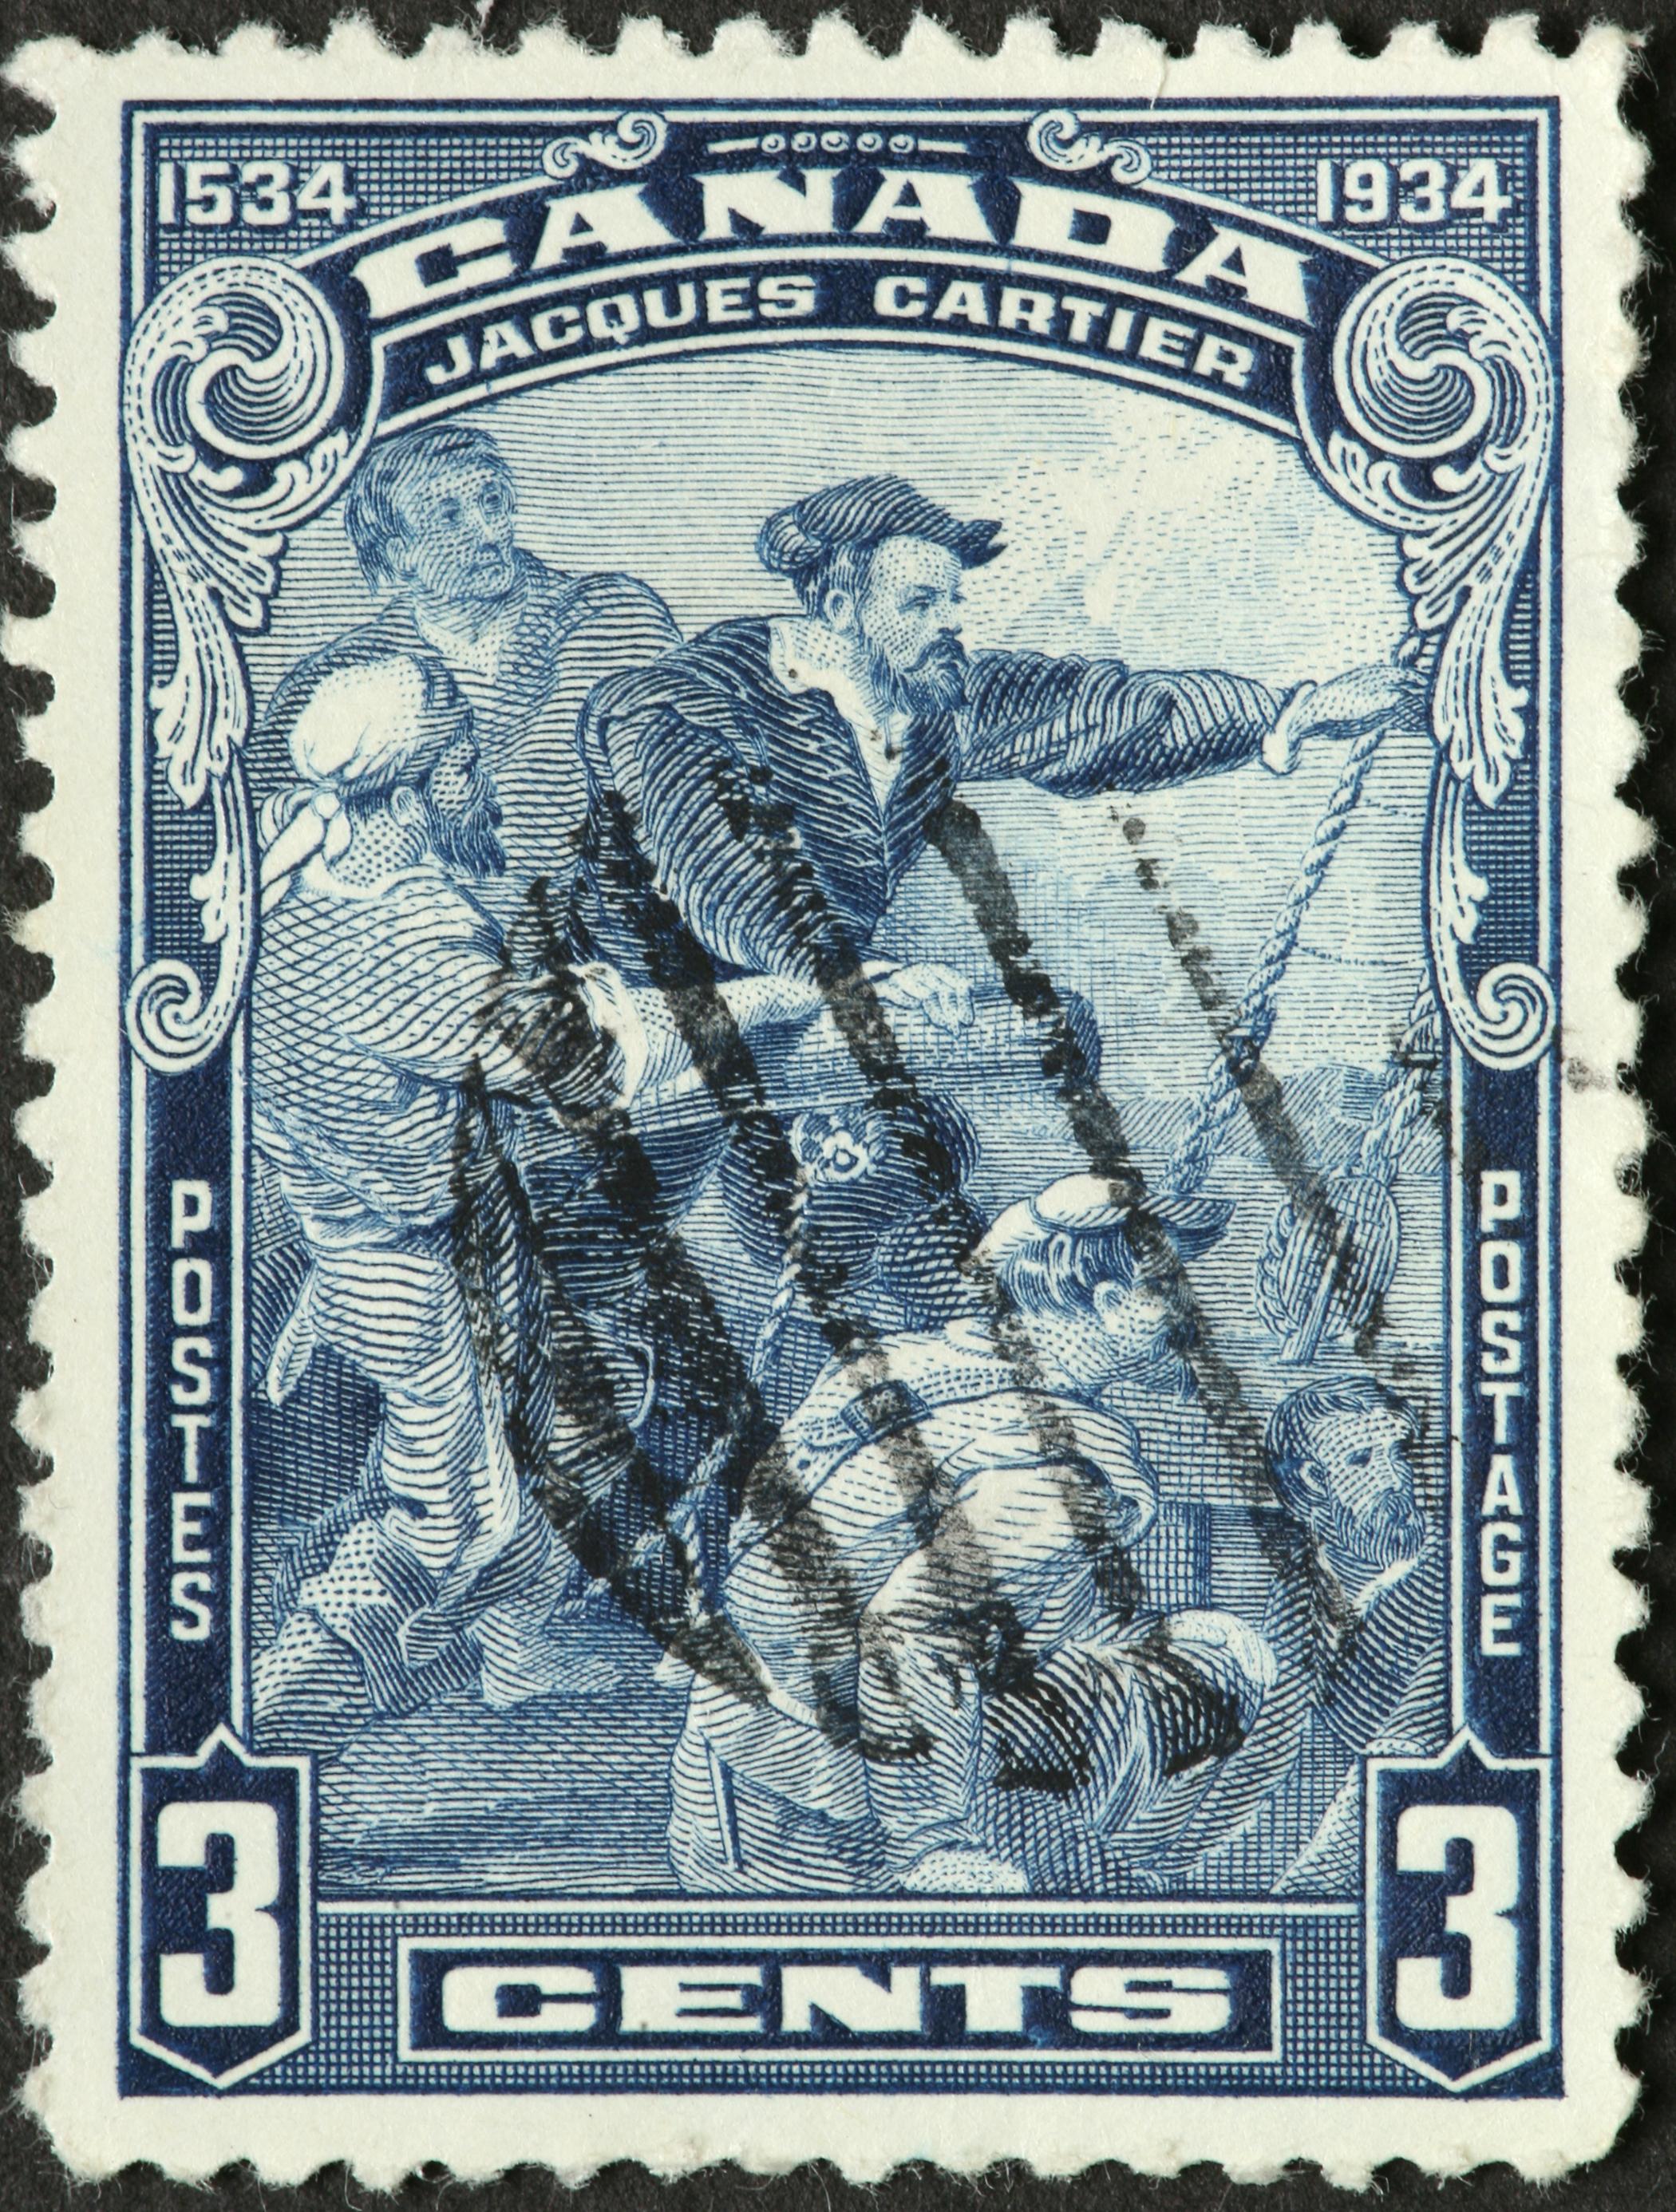 Descubrir las hazañas y vida de Jacques Cartier, el descubridor de Canadá - Francia Circuito Castillos del Loira y Normandía